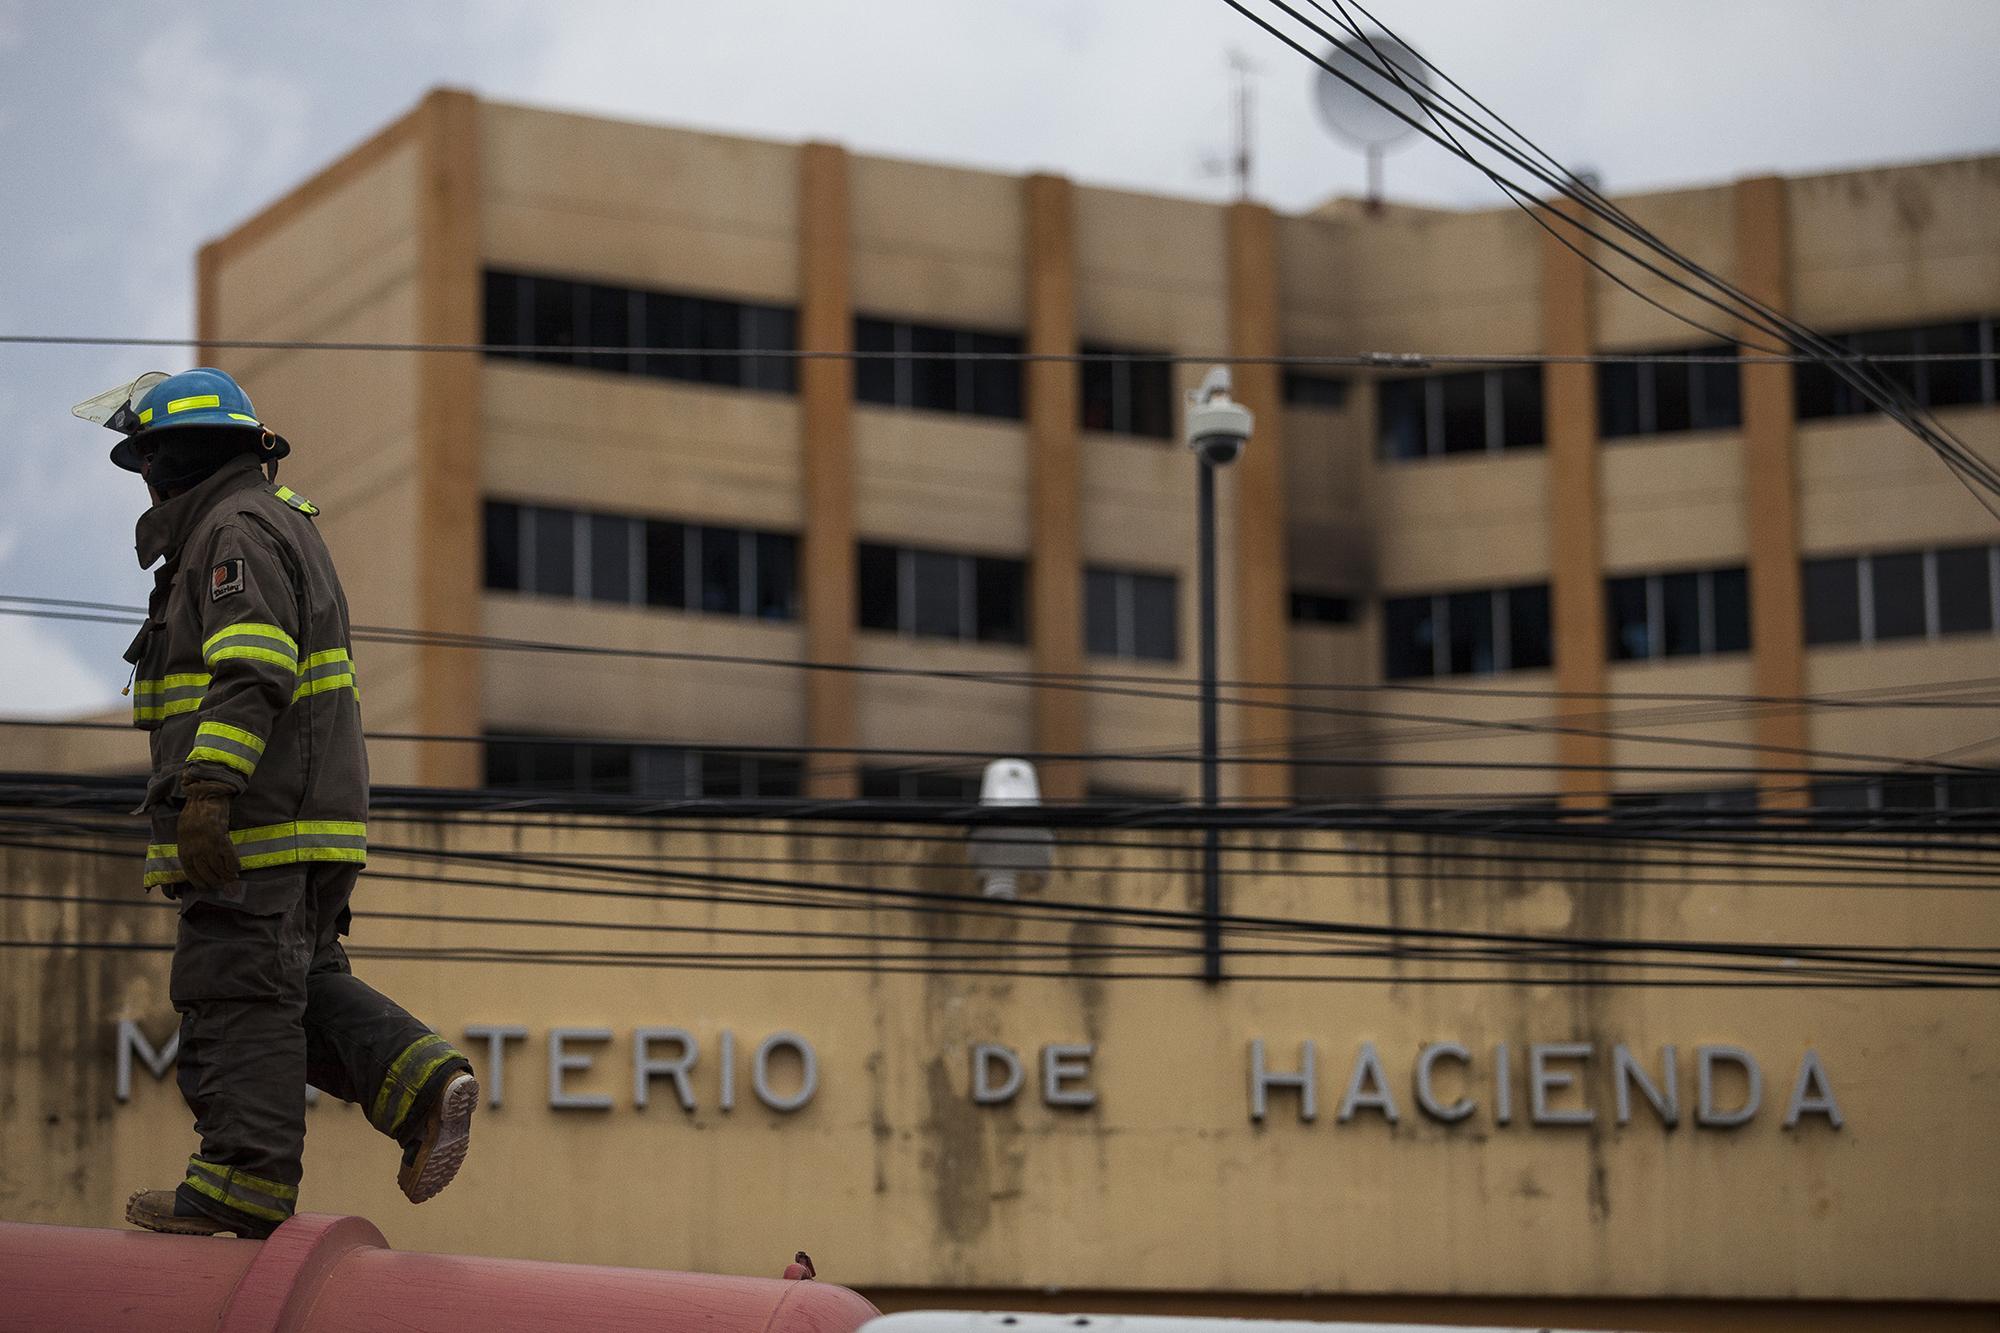 Un miembro del Cuerpo de Bomberos trabaja en medio de la evacuación de los empleados del Ministerio de Hacienda, donde un incendio consumió el cuarto nivel del ala C de la torre número tres. Las autoridades reportaron una persona fallecida y 18 lesionados (ocho de gravedad) Foto: Víctor Peña